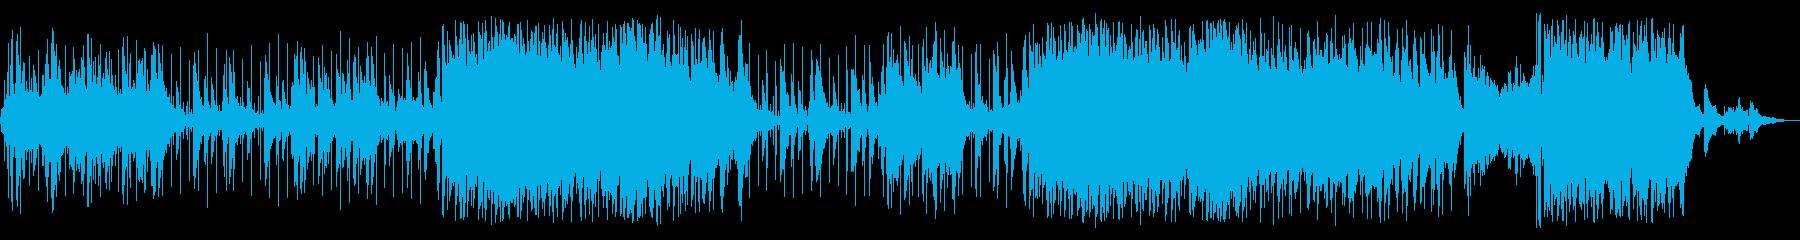 クールなサウンドのBGMの再生済みの波形